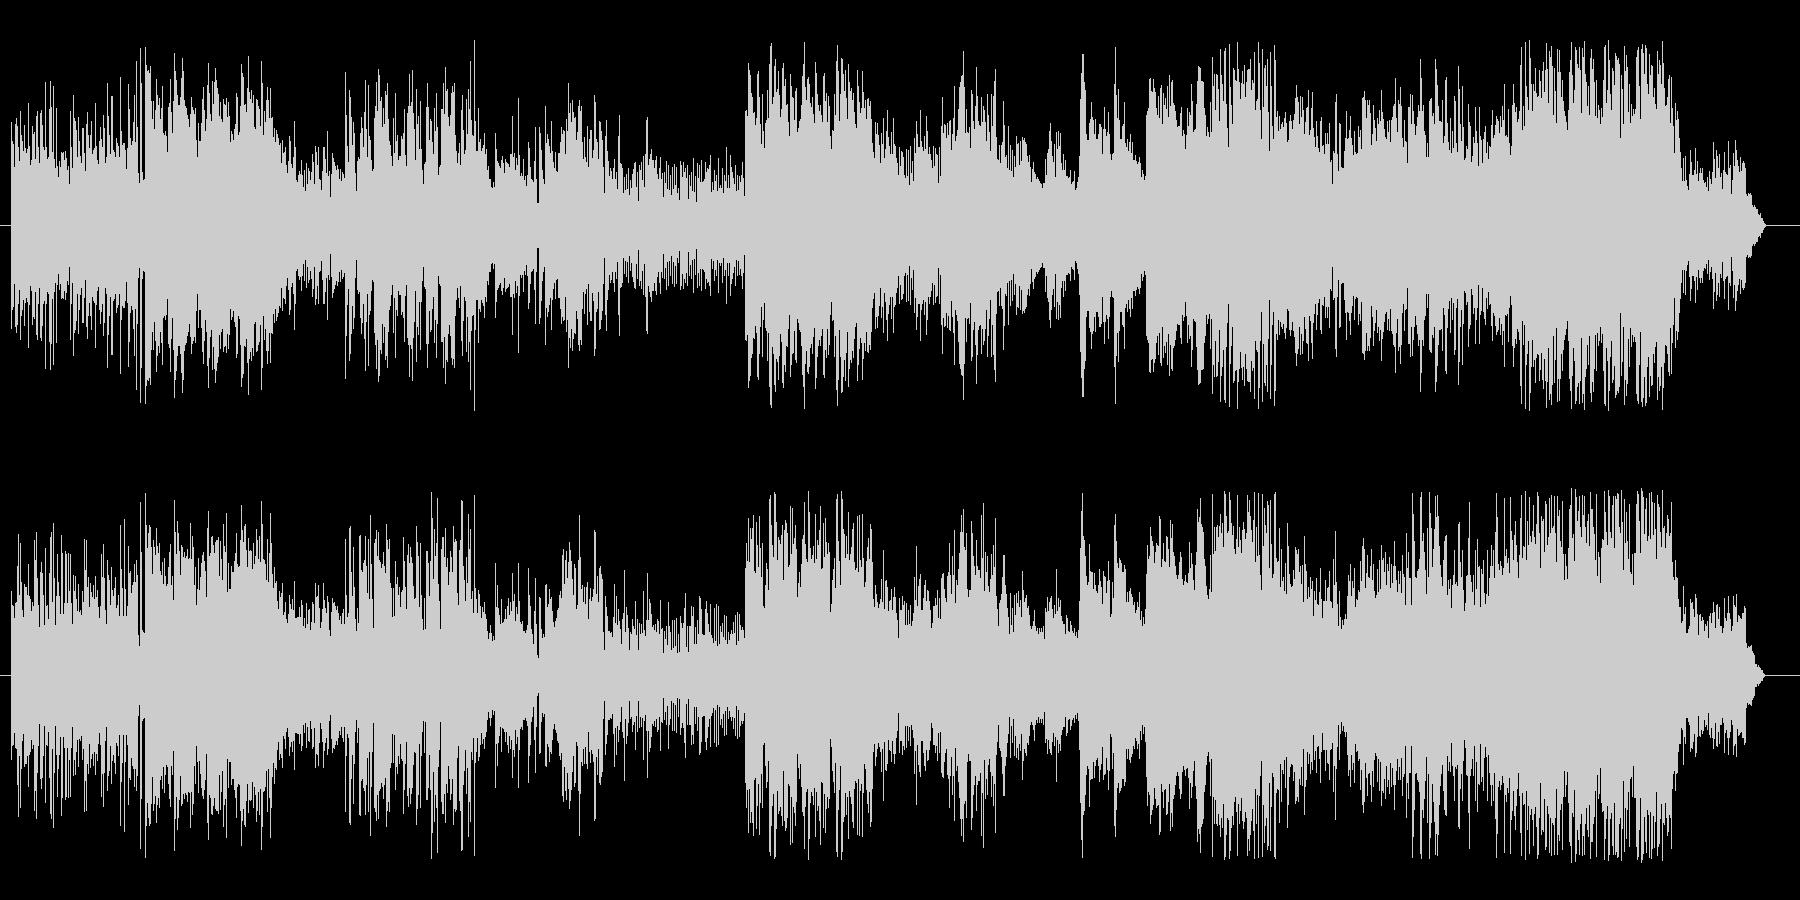 伝統的日本の和楽器の音色の未再生の波形